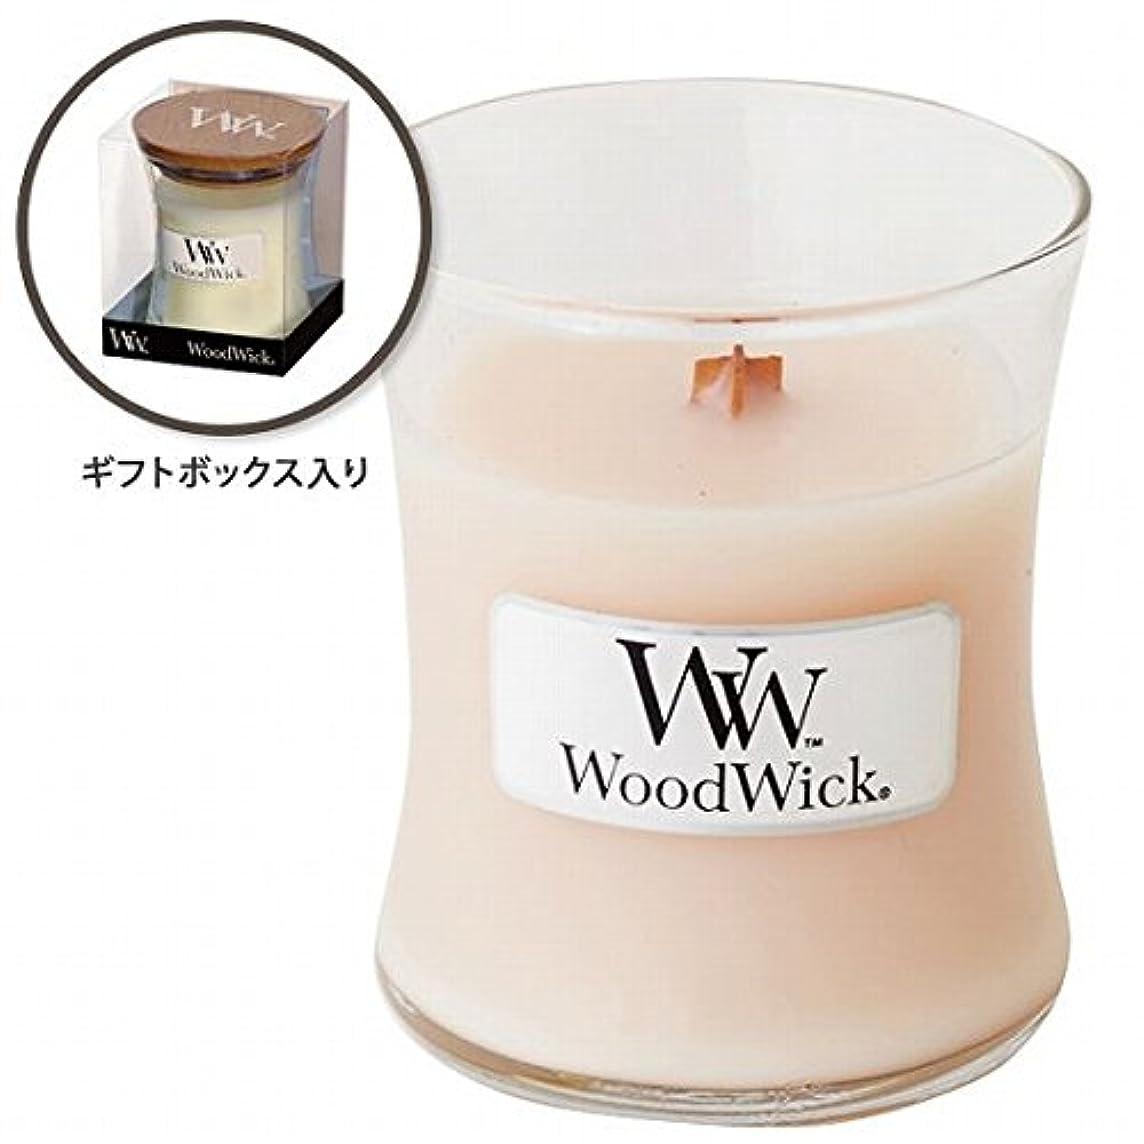 じゃない瞑想する自己尊重ウッドウィック( WoodWick ) Wood WickジャーS 「コースタルサンセット」